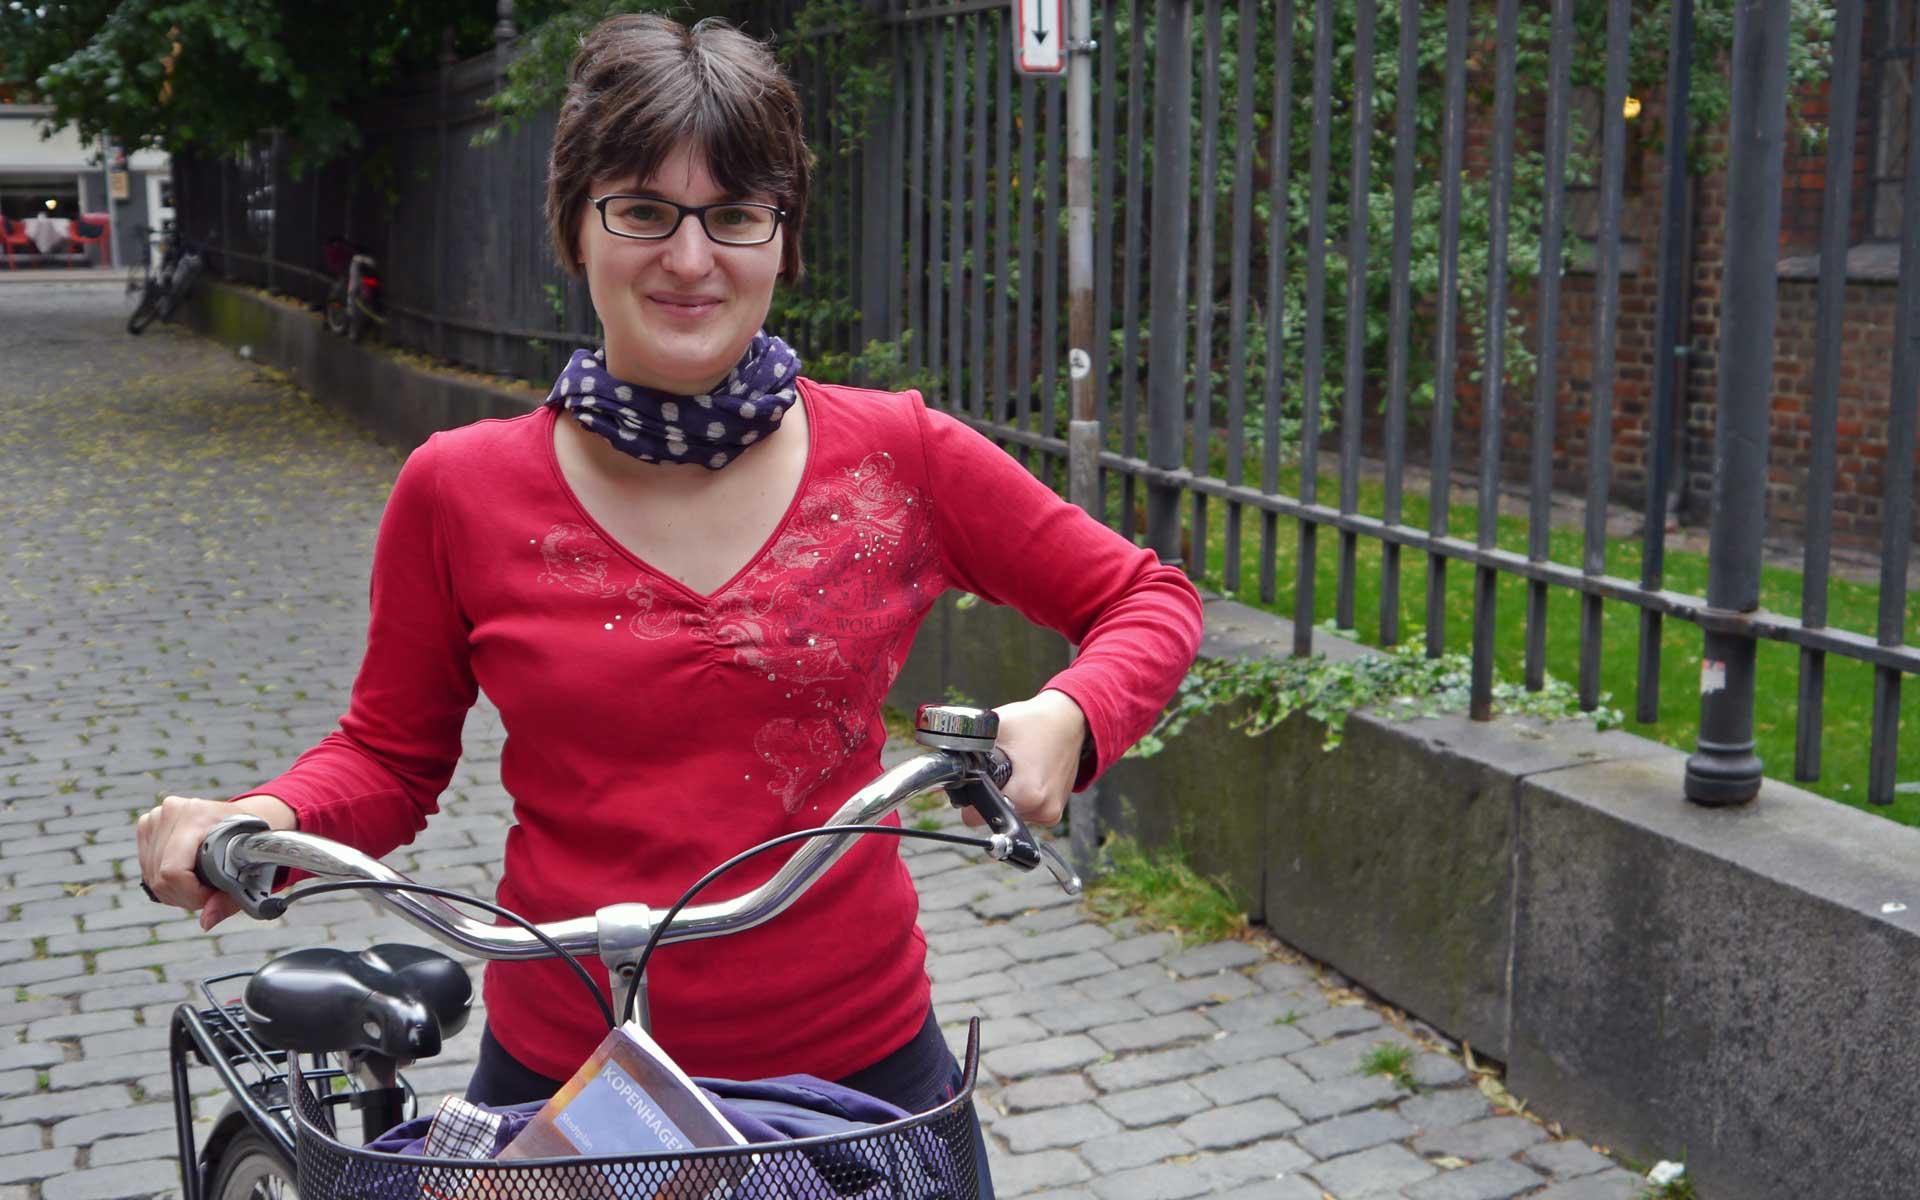 Radfahren macht in Kopenhagen richtig Spaß.